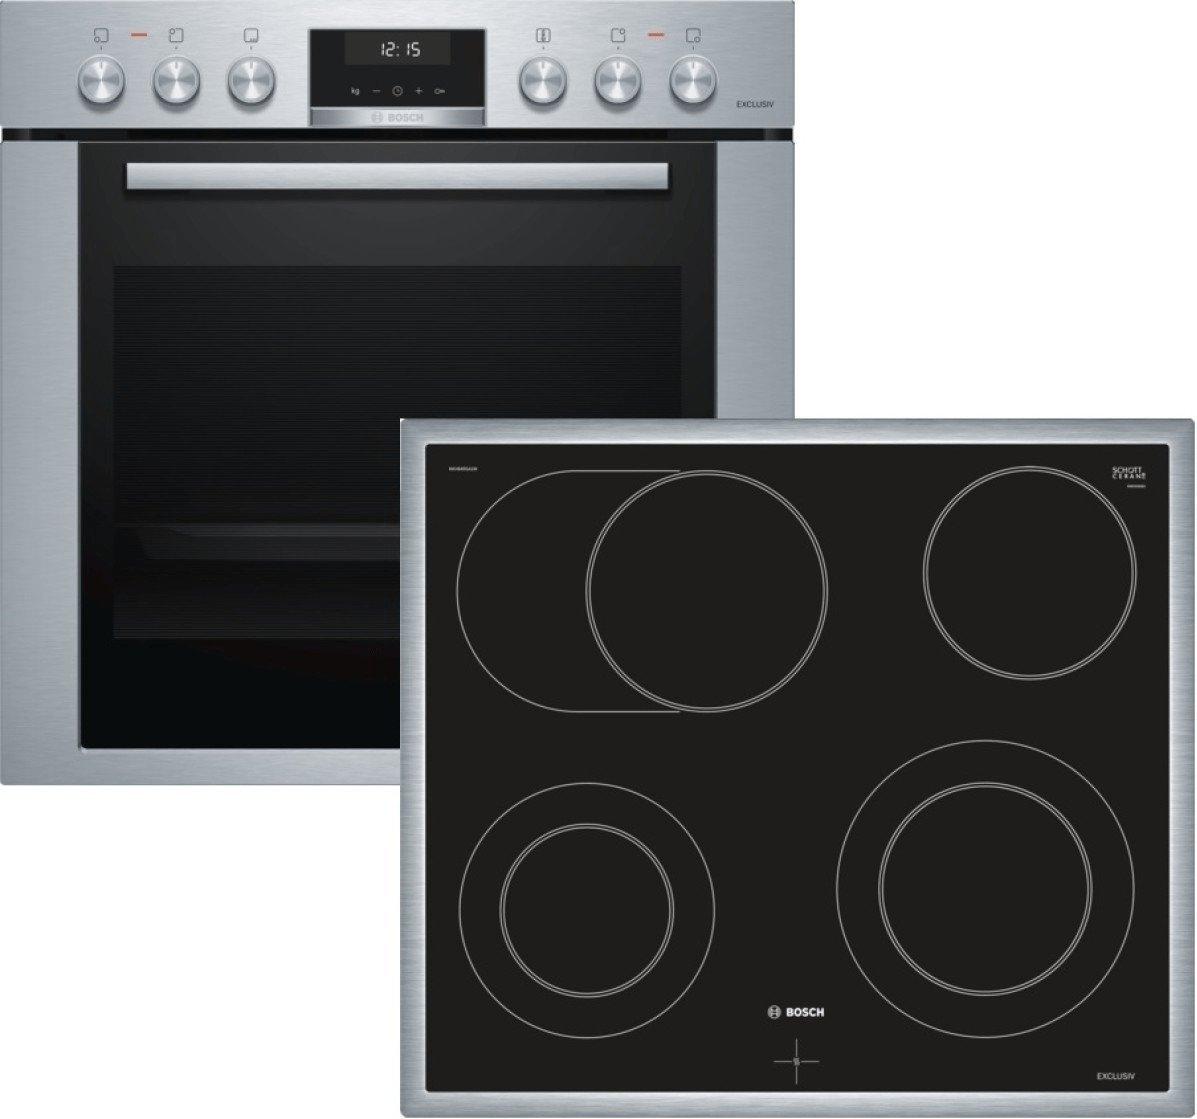 Bosch Hnd612ms65 Ab 57903 Günstig Im Preisvergleich Kaufen